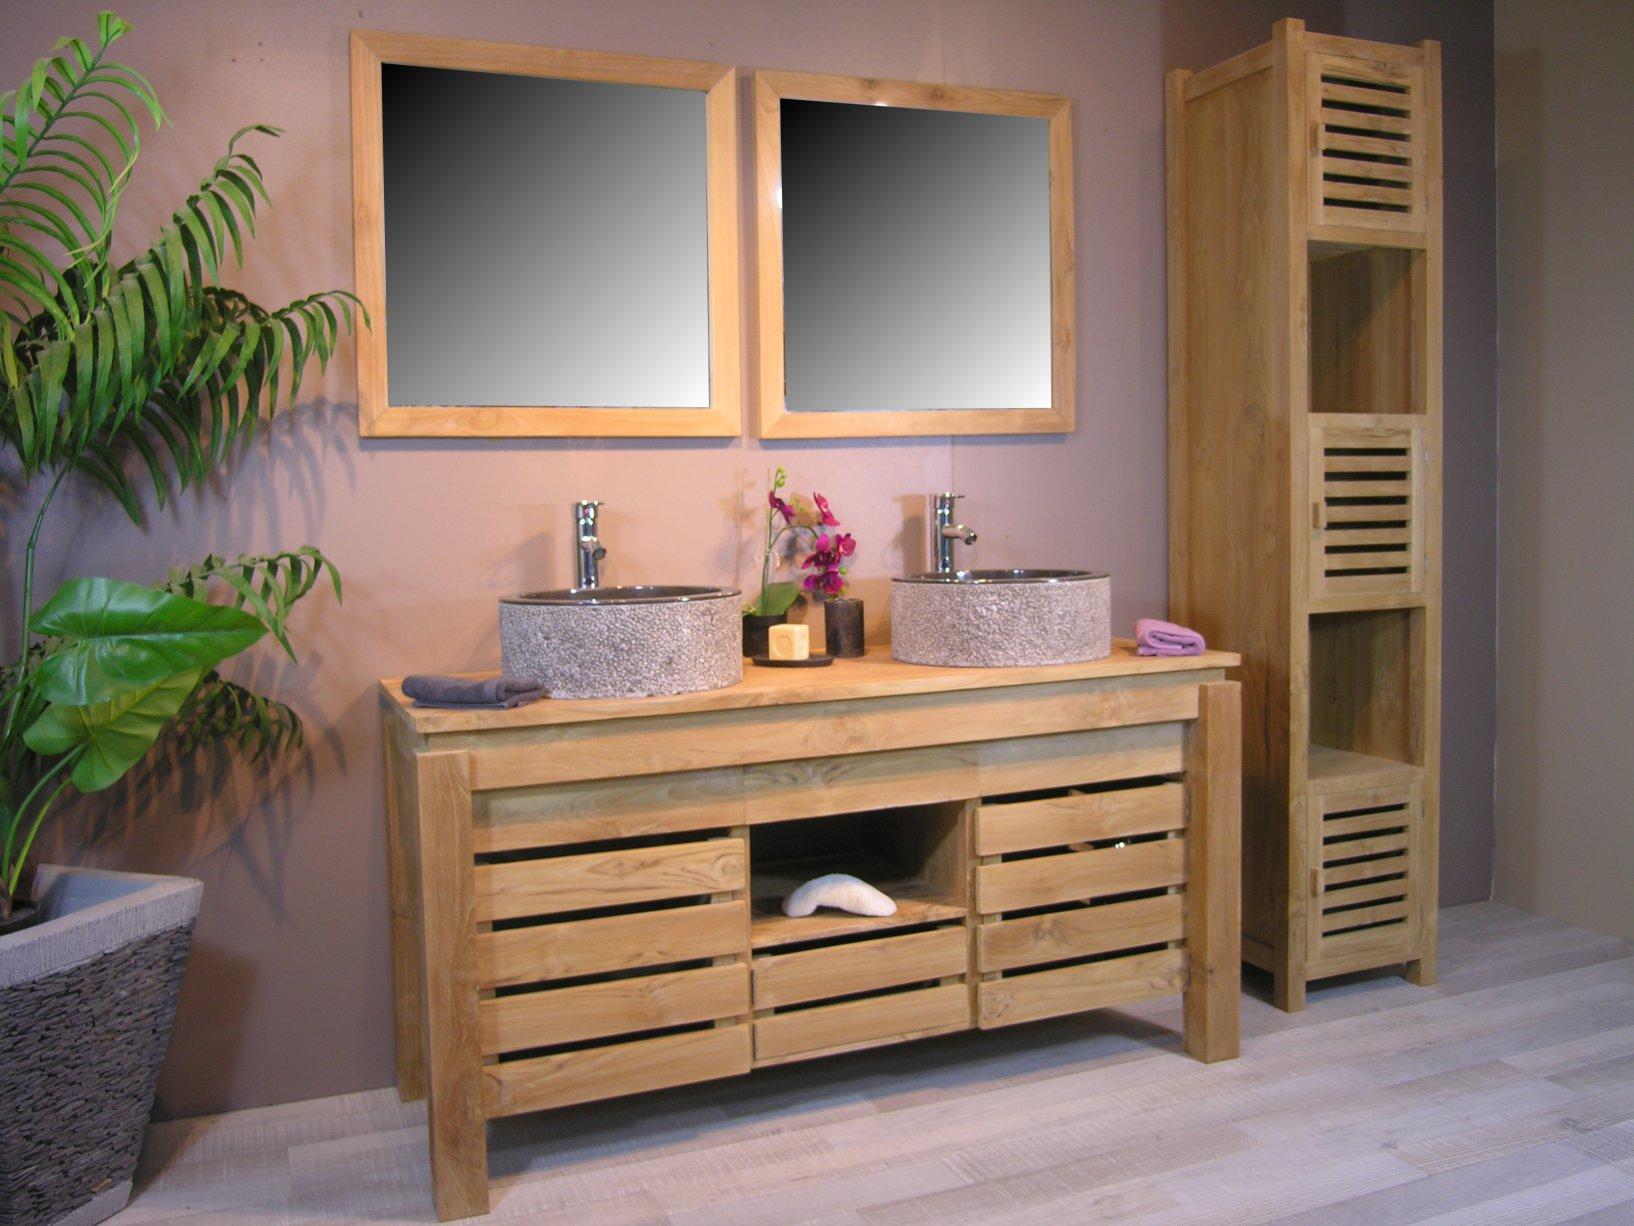 Meuble Salle De Bain Ikea Double Vasque Frais Images Meuble De Sdb 10 Salle Bain Ikea Godmorgon 2 1280x976